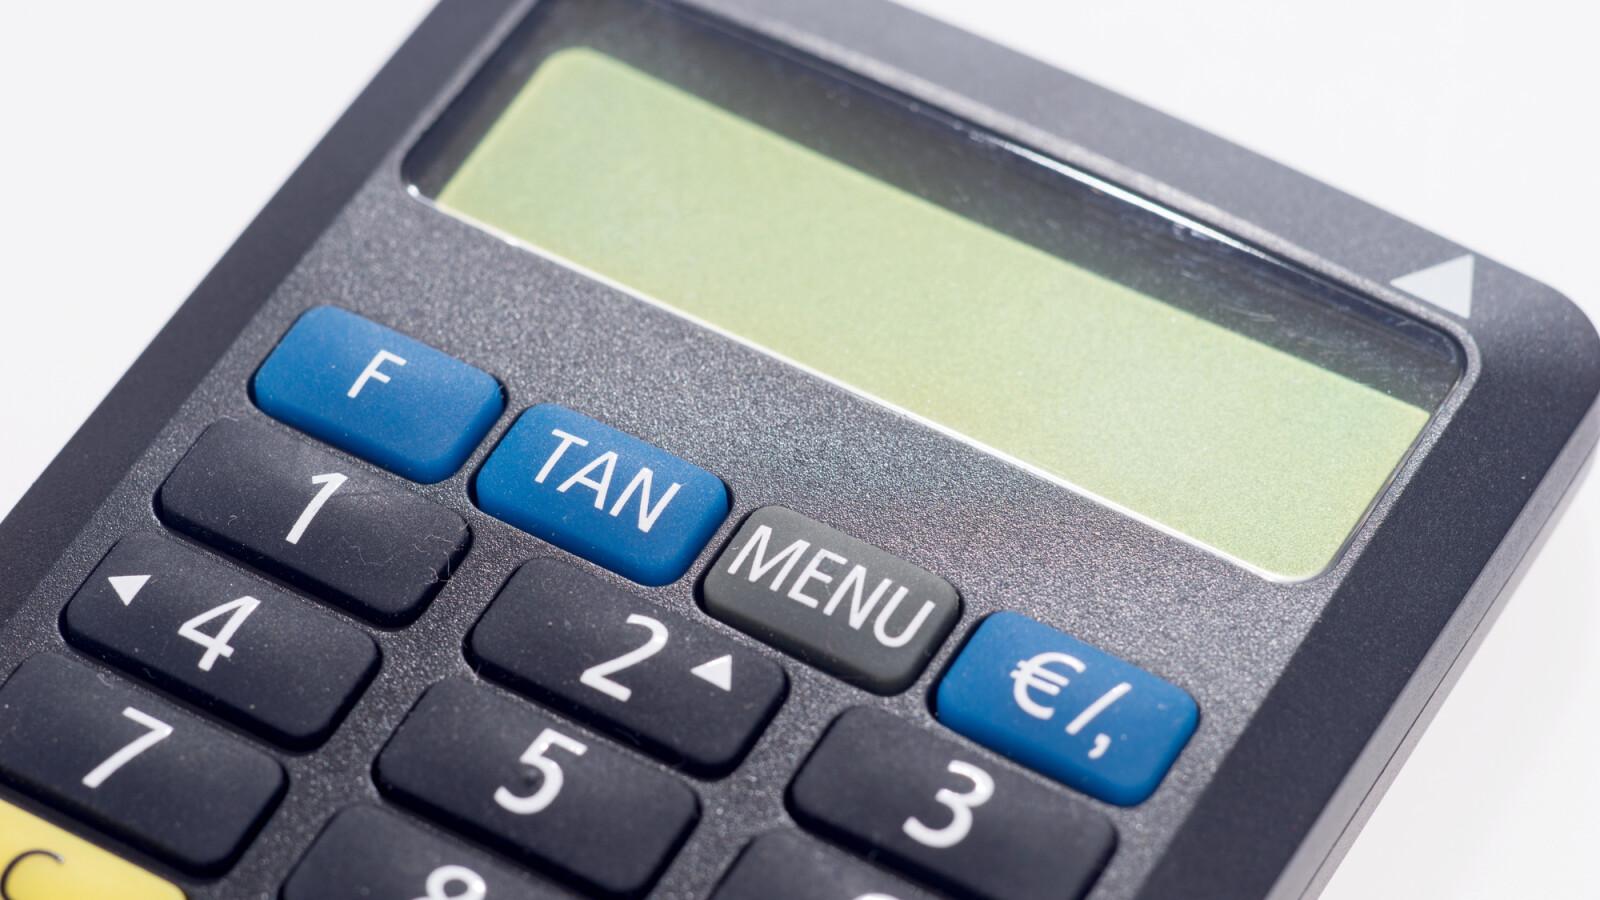 Online-Banking: TAN-Verfahren im Vergleich